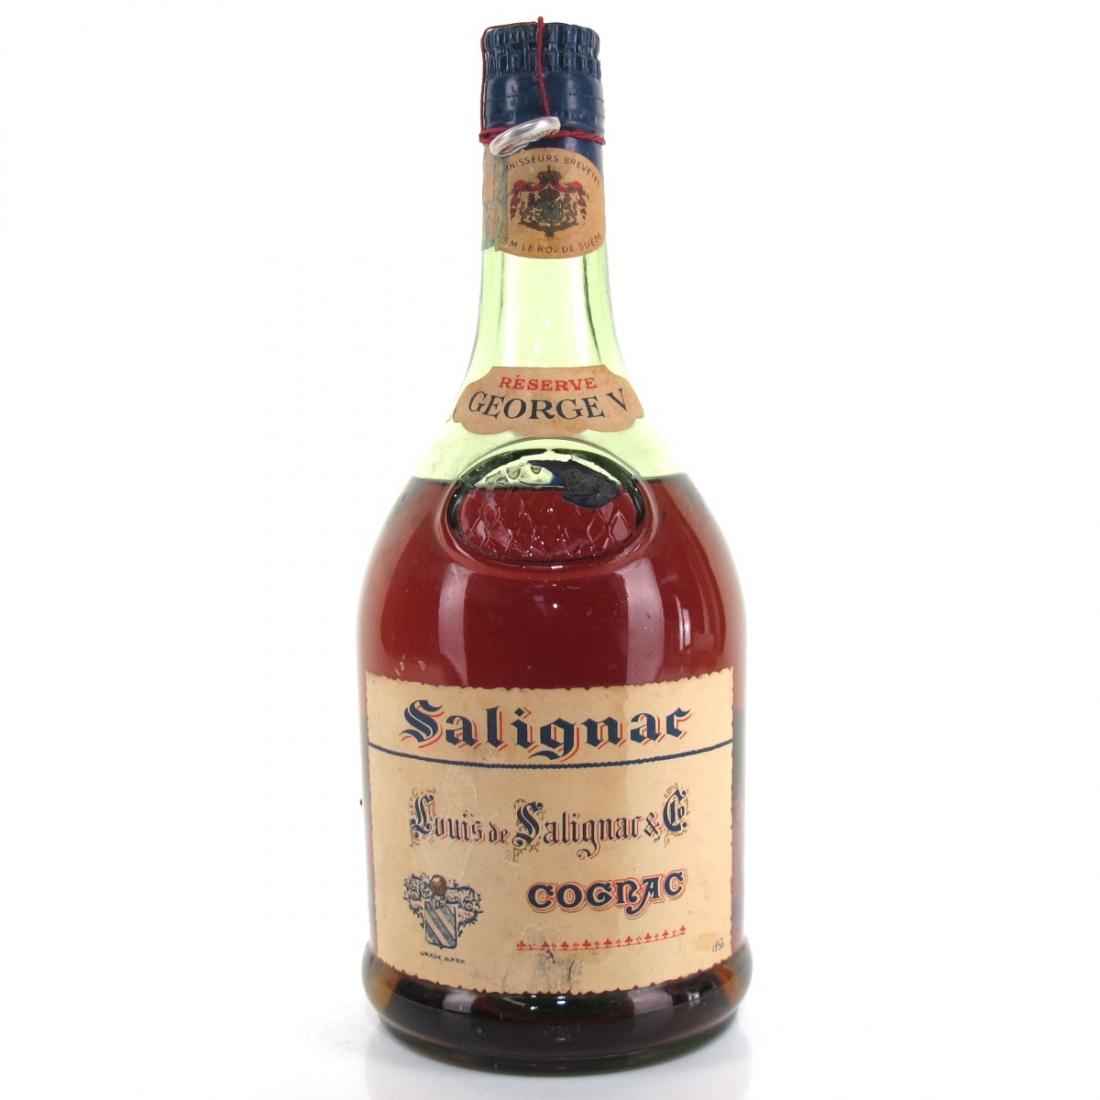 Salignac Geroge V Reserve Cognac Circa 1950s